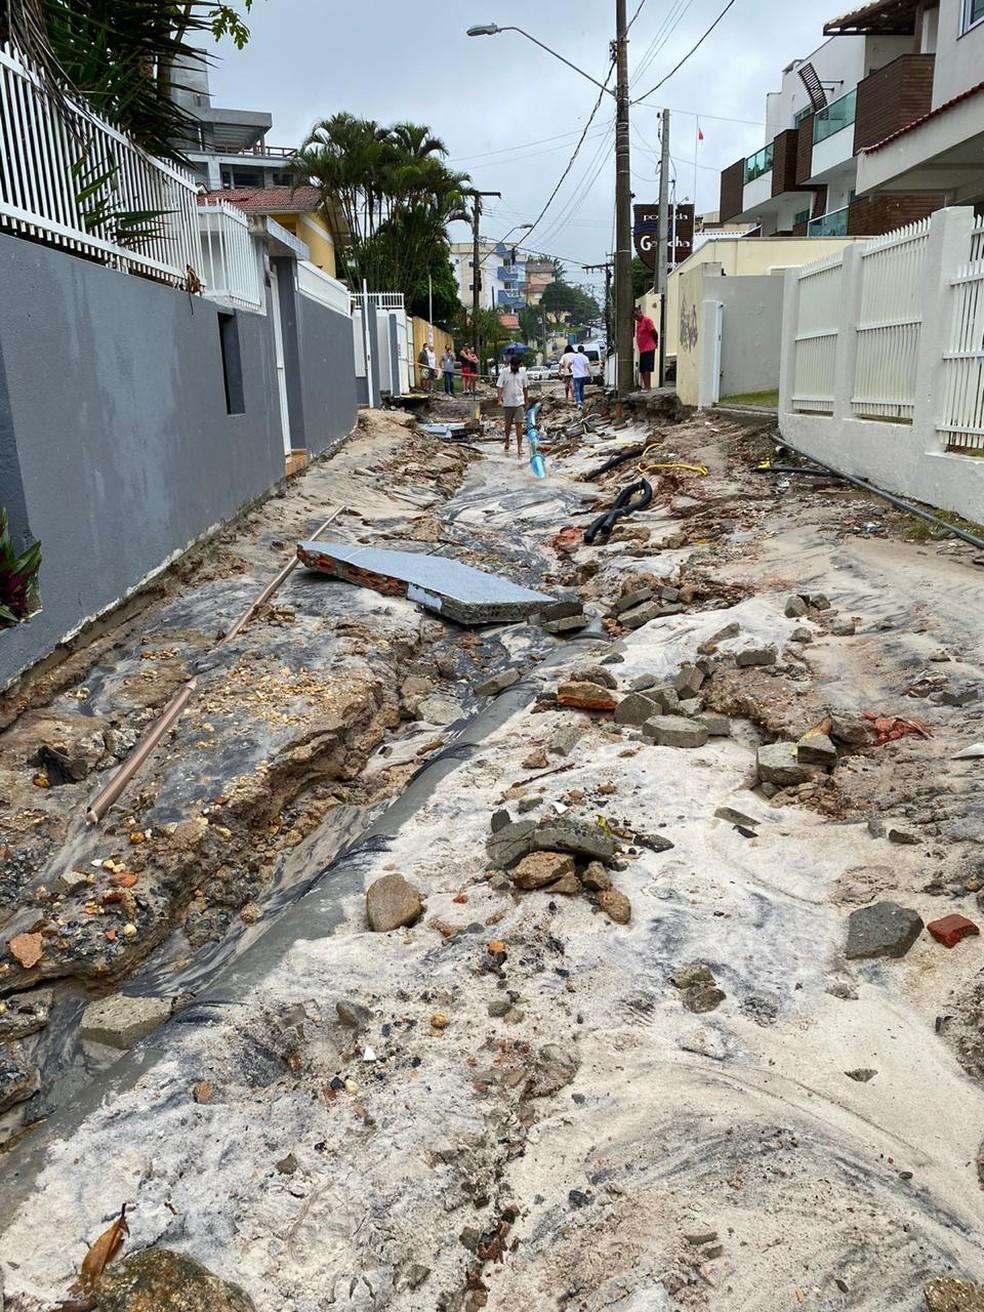 Município de Bombinhas, Litoral Norte de SC, deve decretar situação de emergência — Foto: Divulgação/Prefeitura de Bombinhas